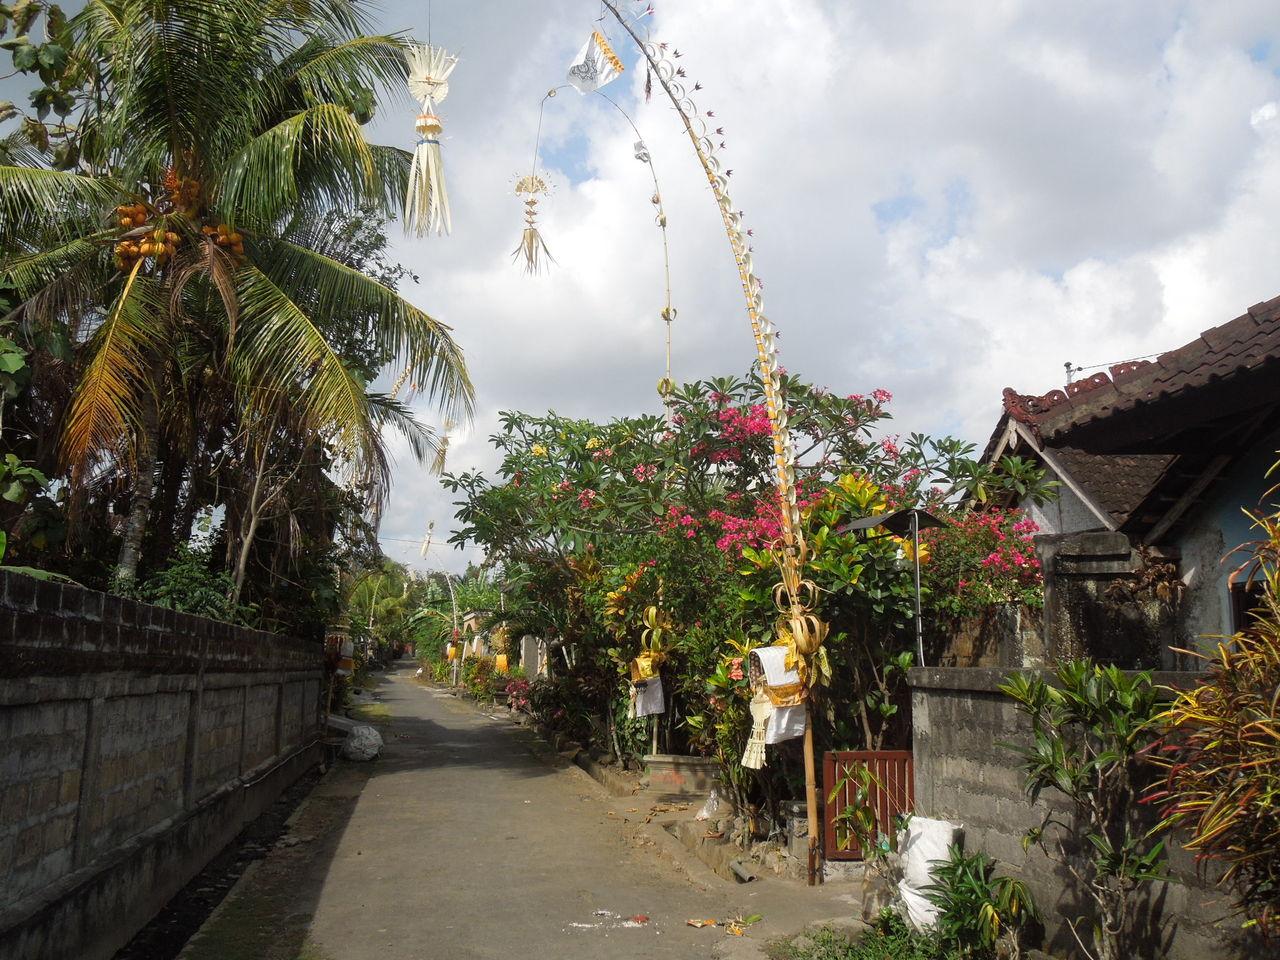 ペンジョールが飾られた家々